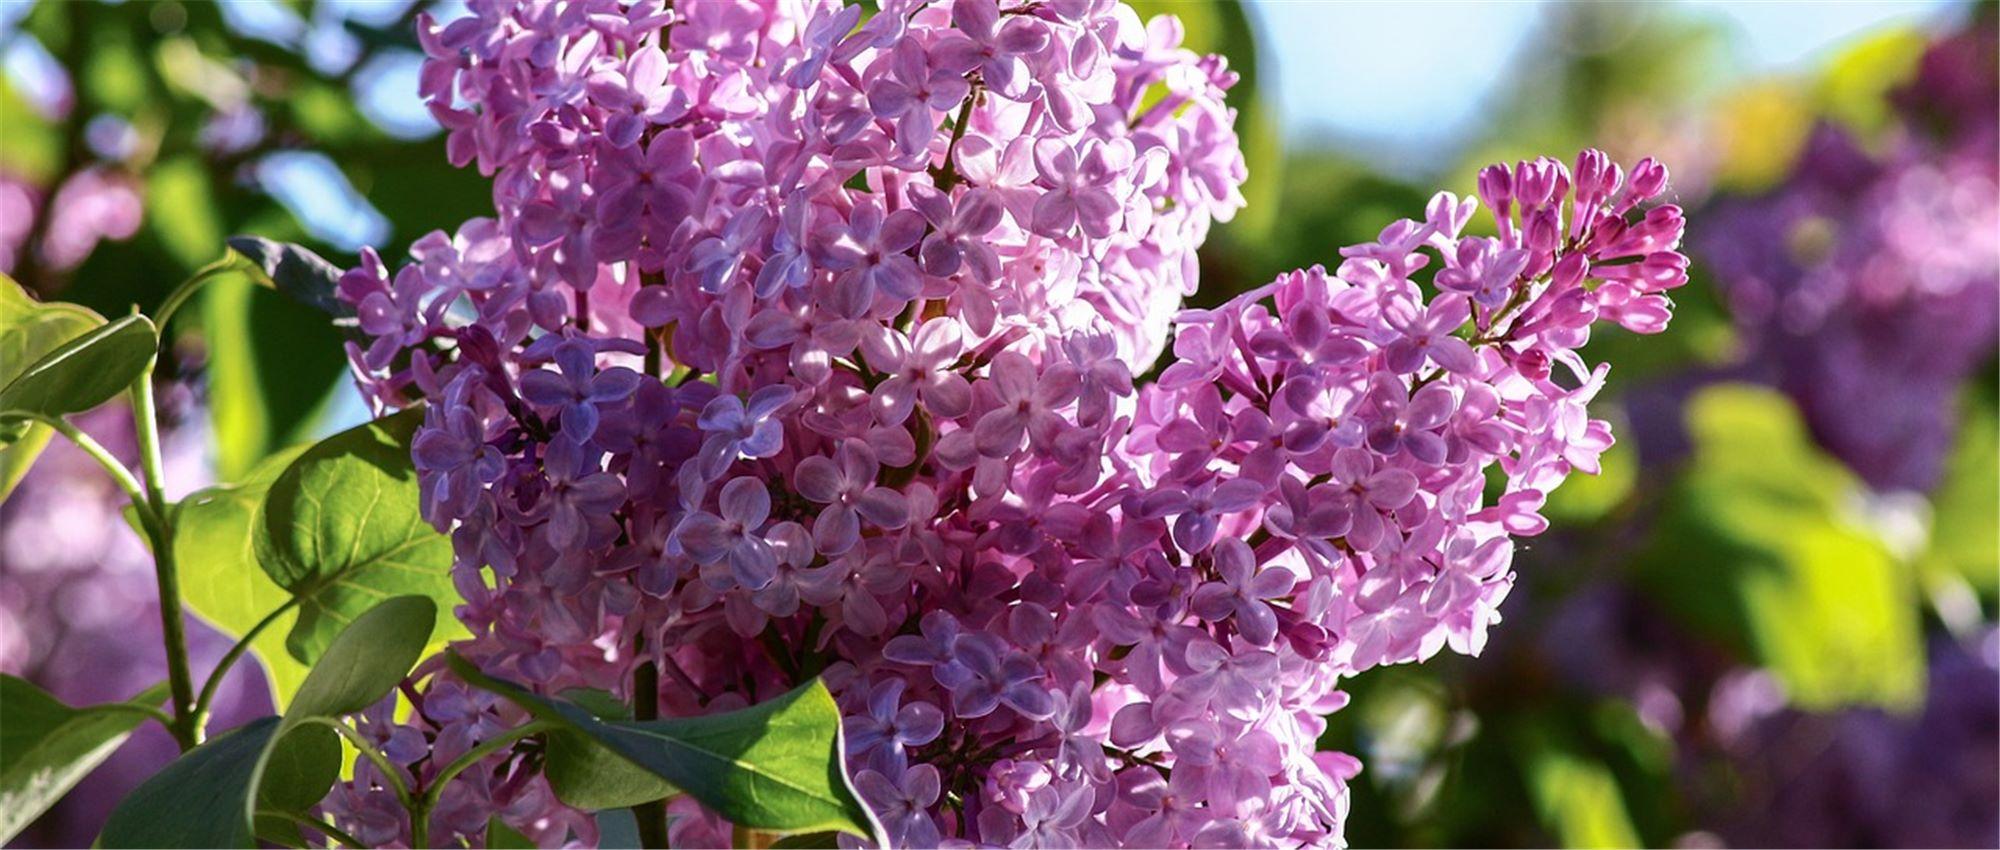 Quelles Fleurs Parfumées Pour Le Jardin ? - Gardena pour Lame Parfumee Des Jardins